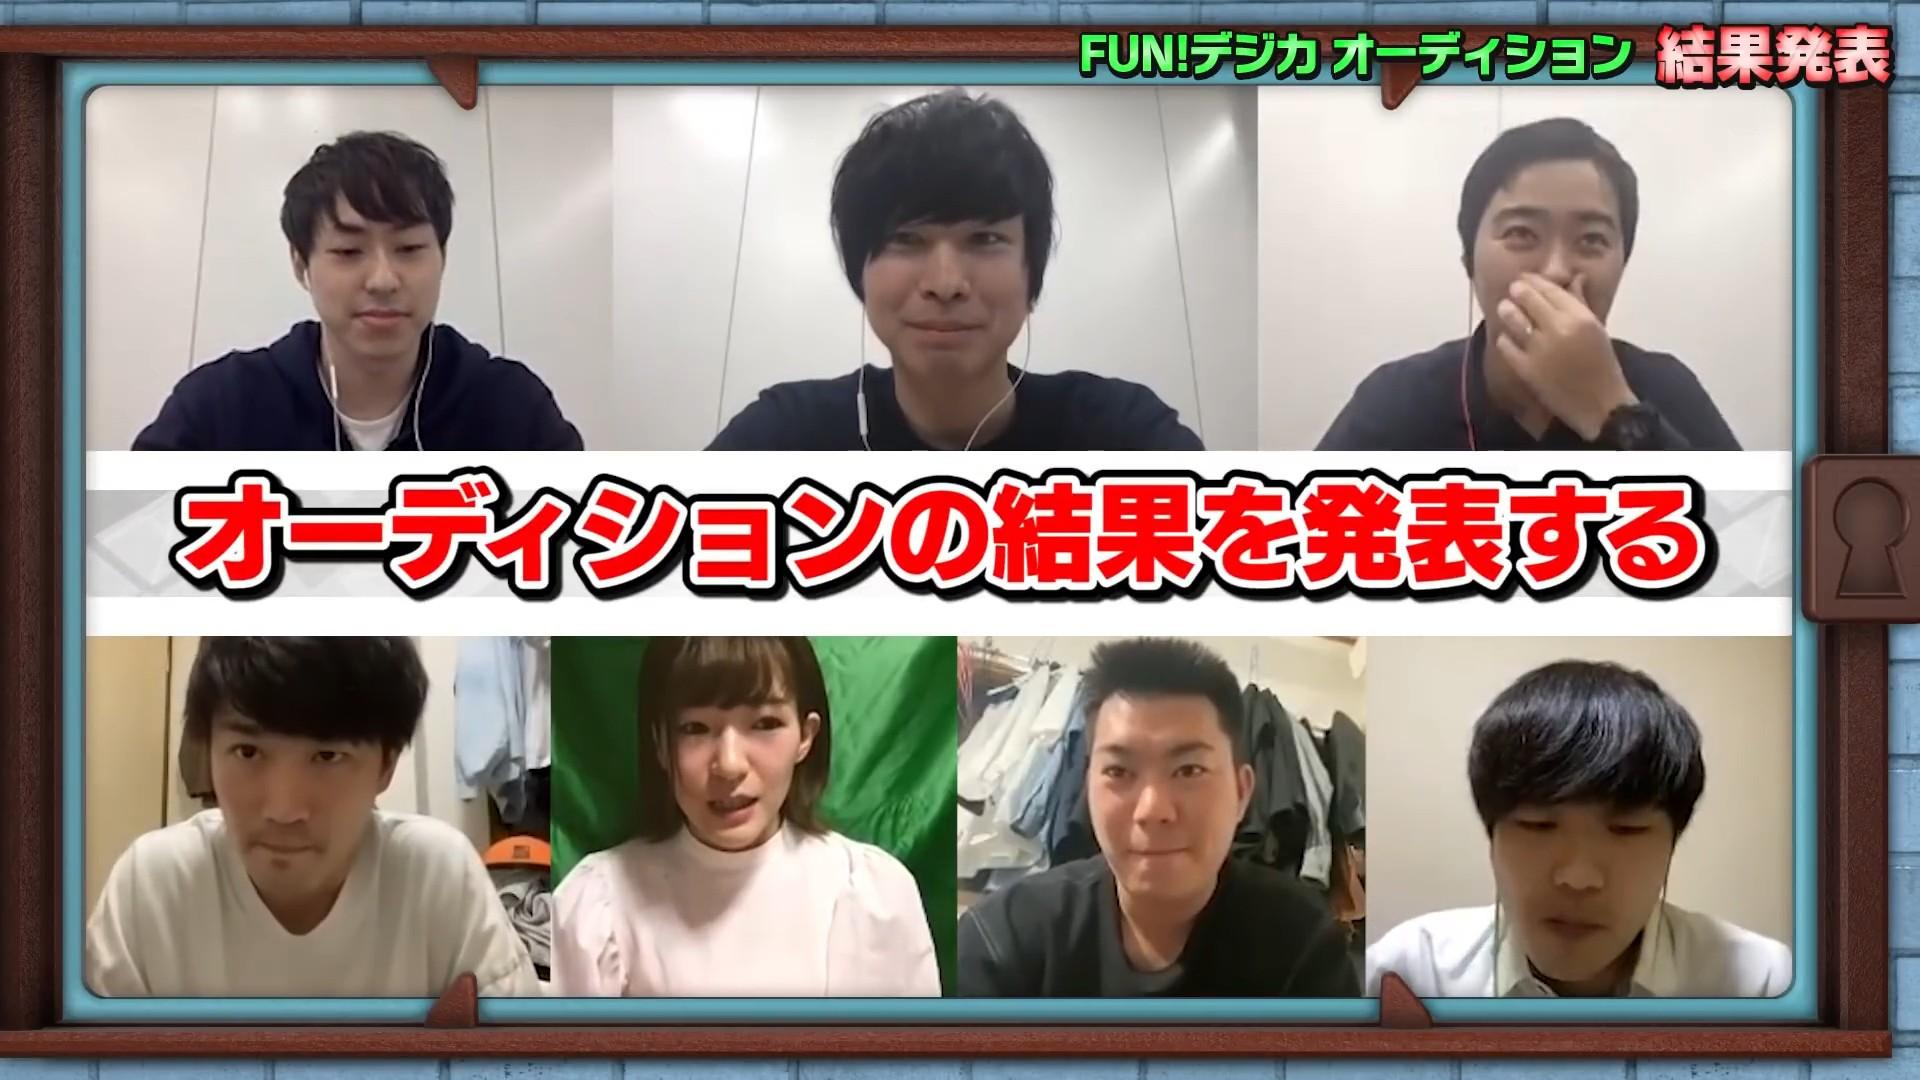 fundigica_special3_02_june9_2021.jpg